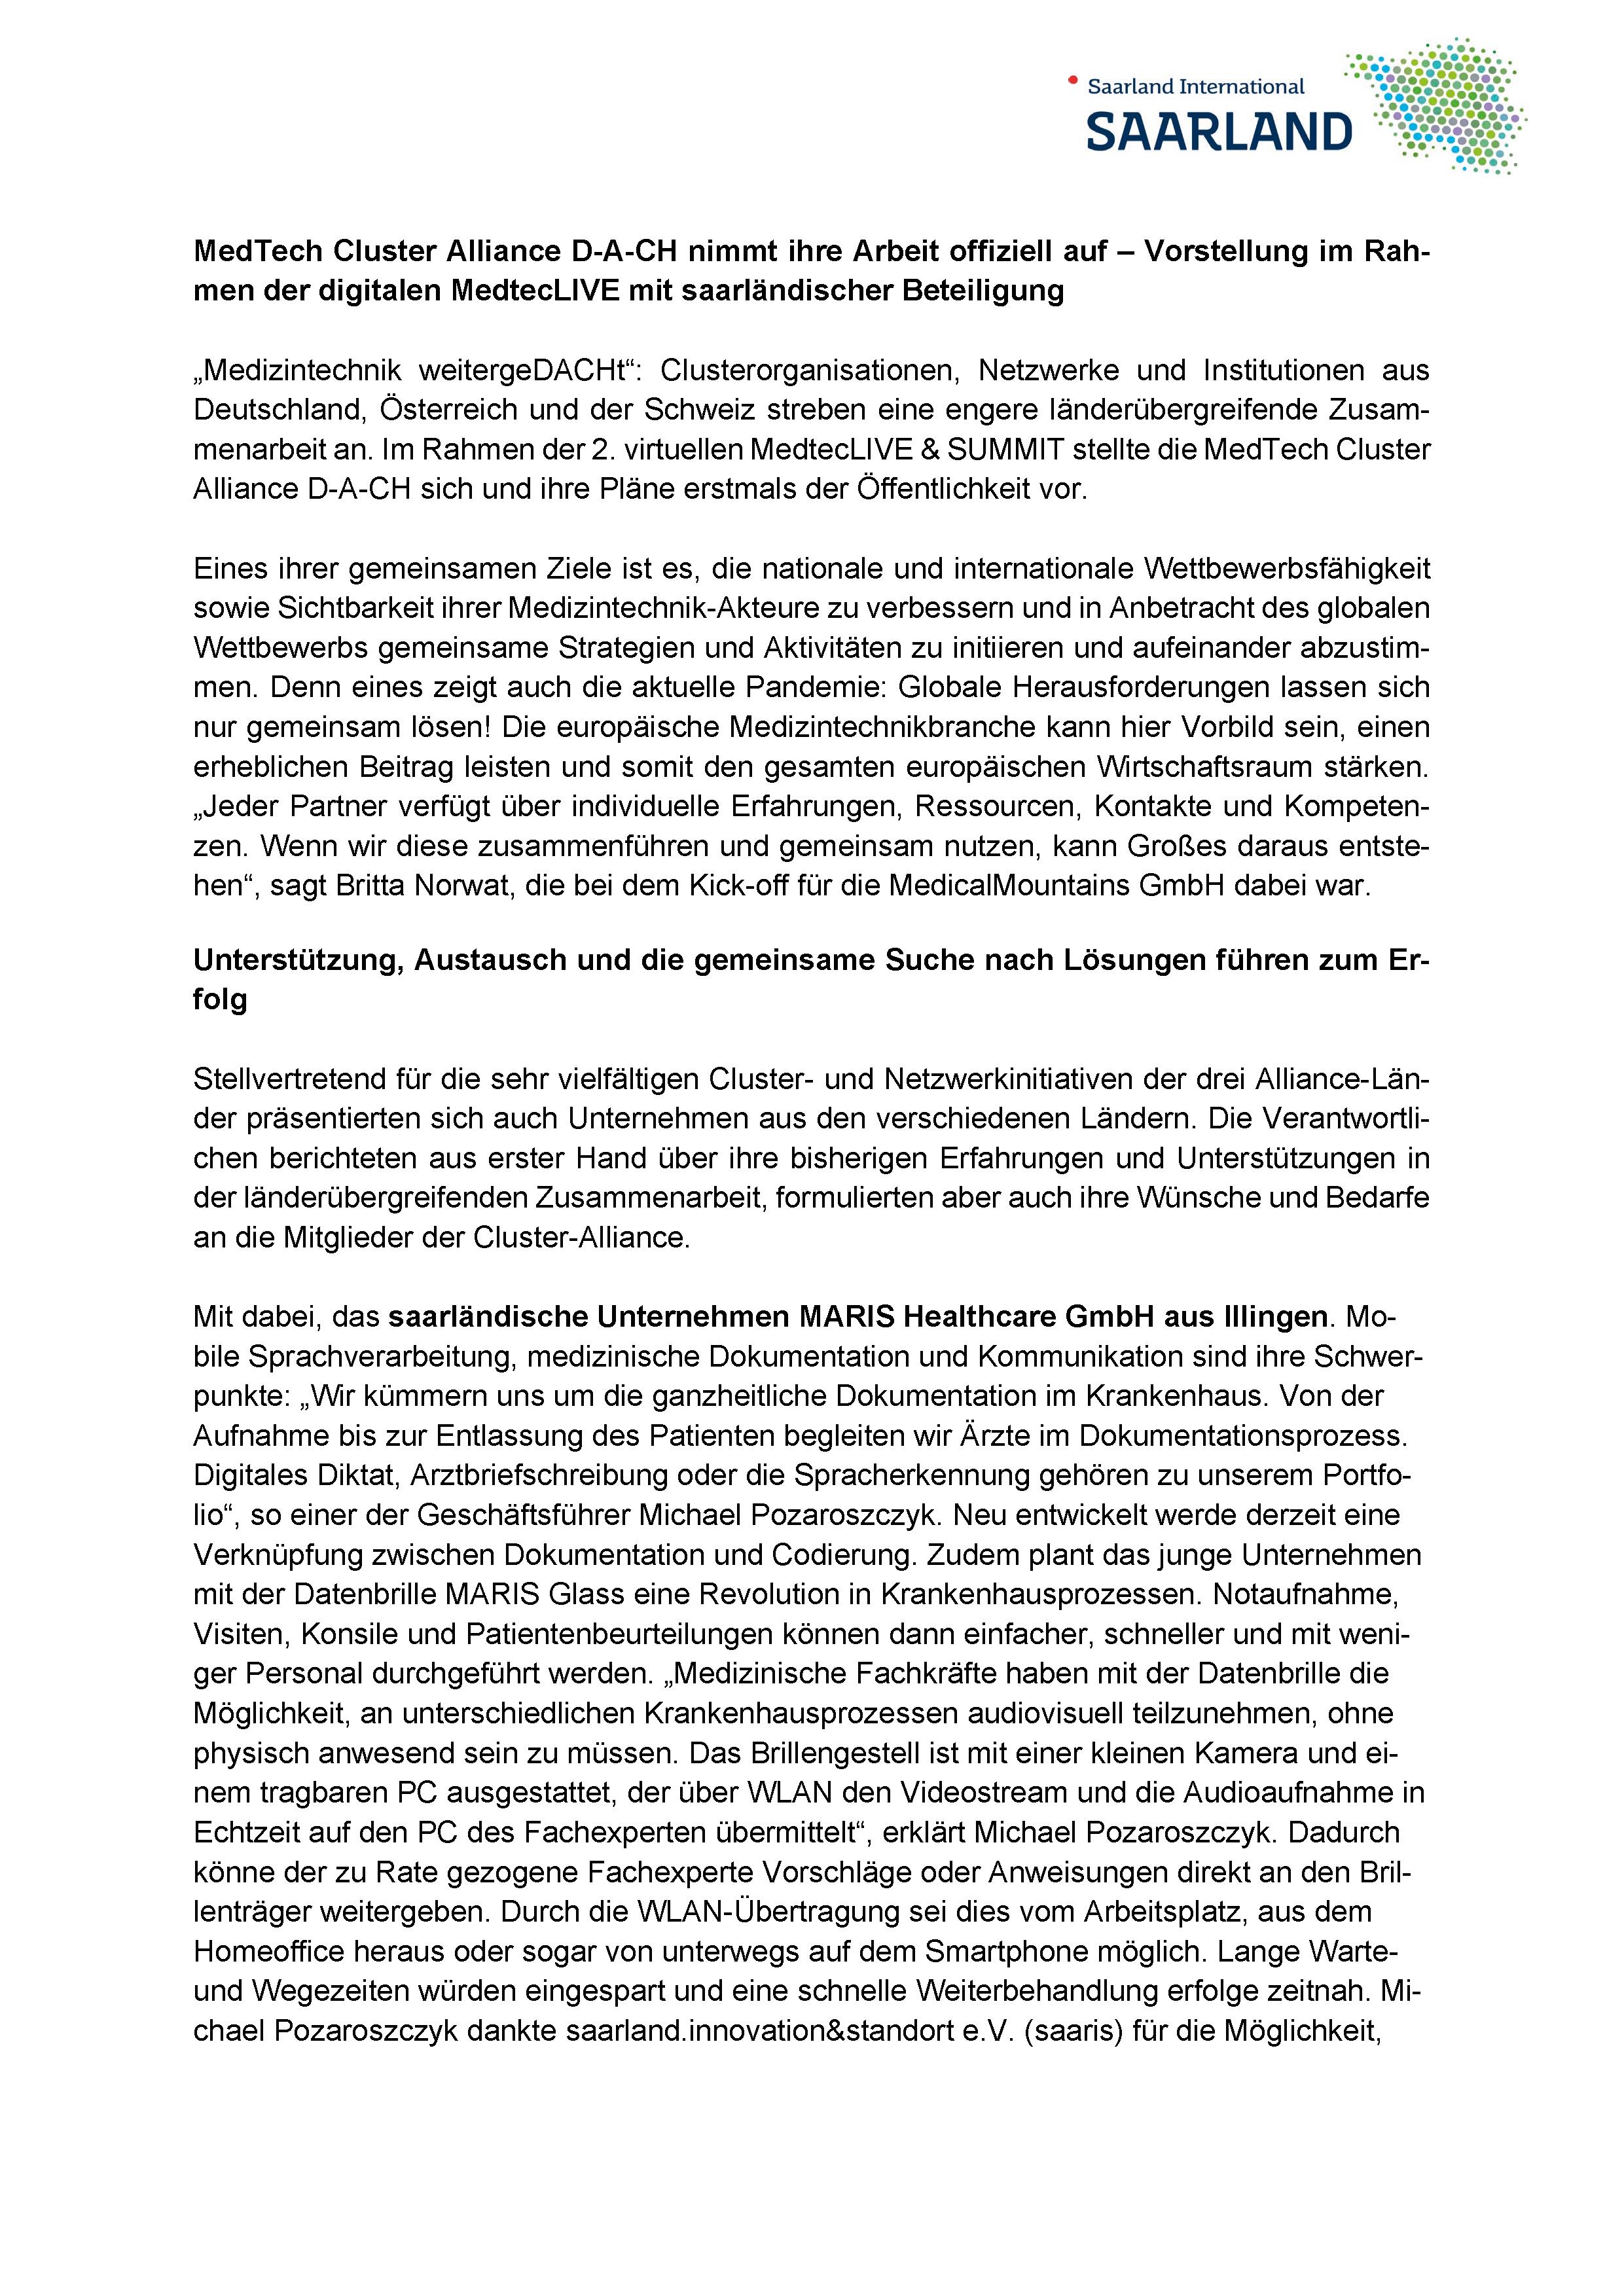 Presseartikel MedTech und MARIS